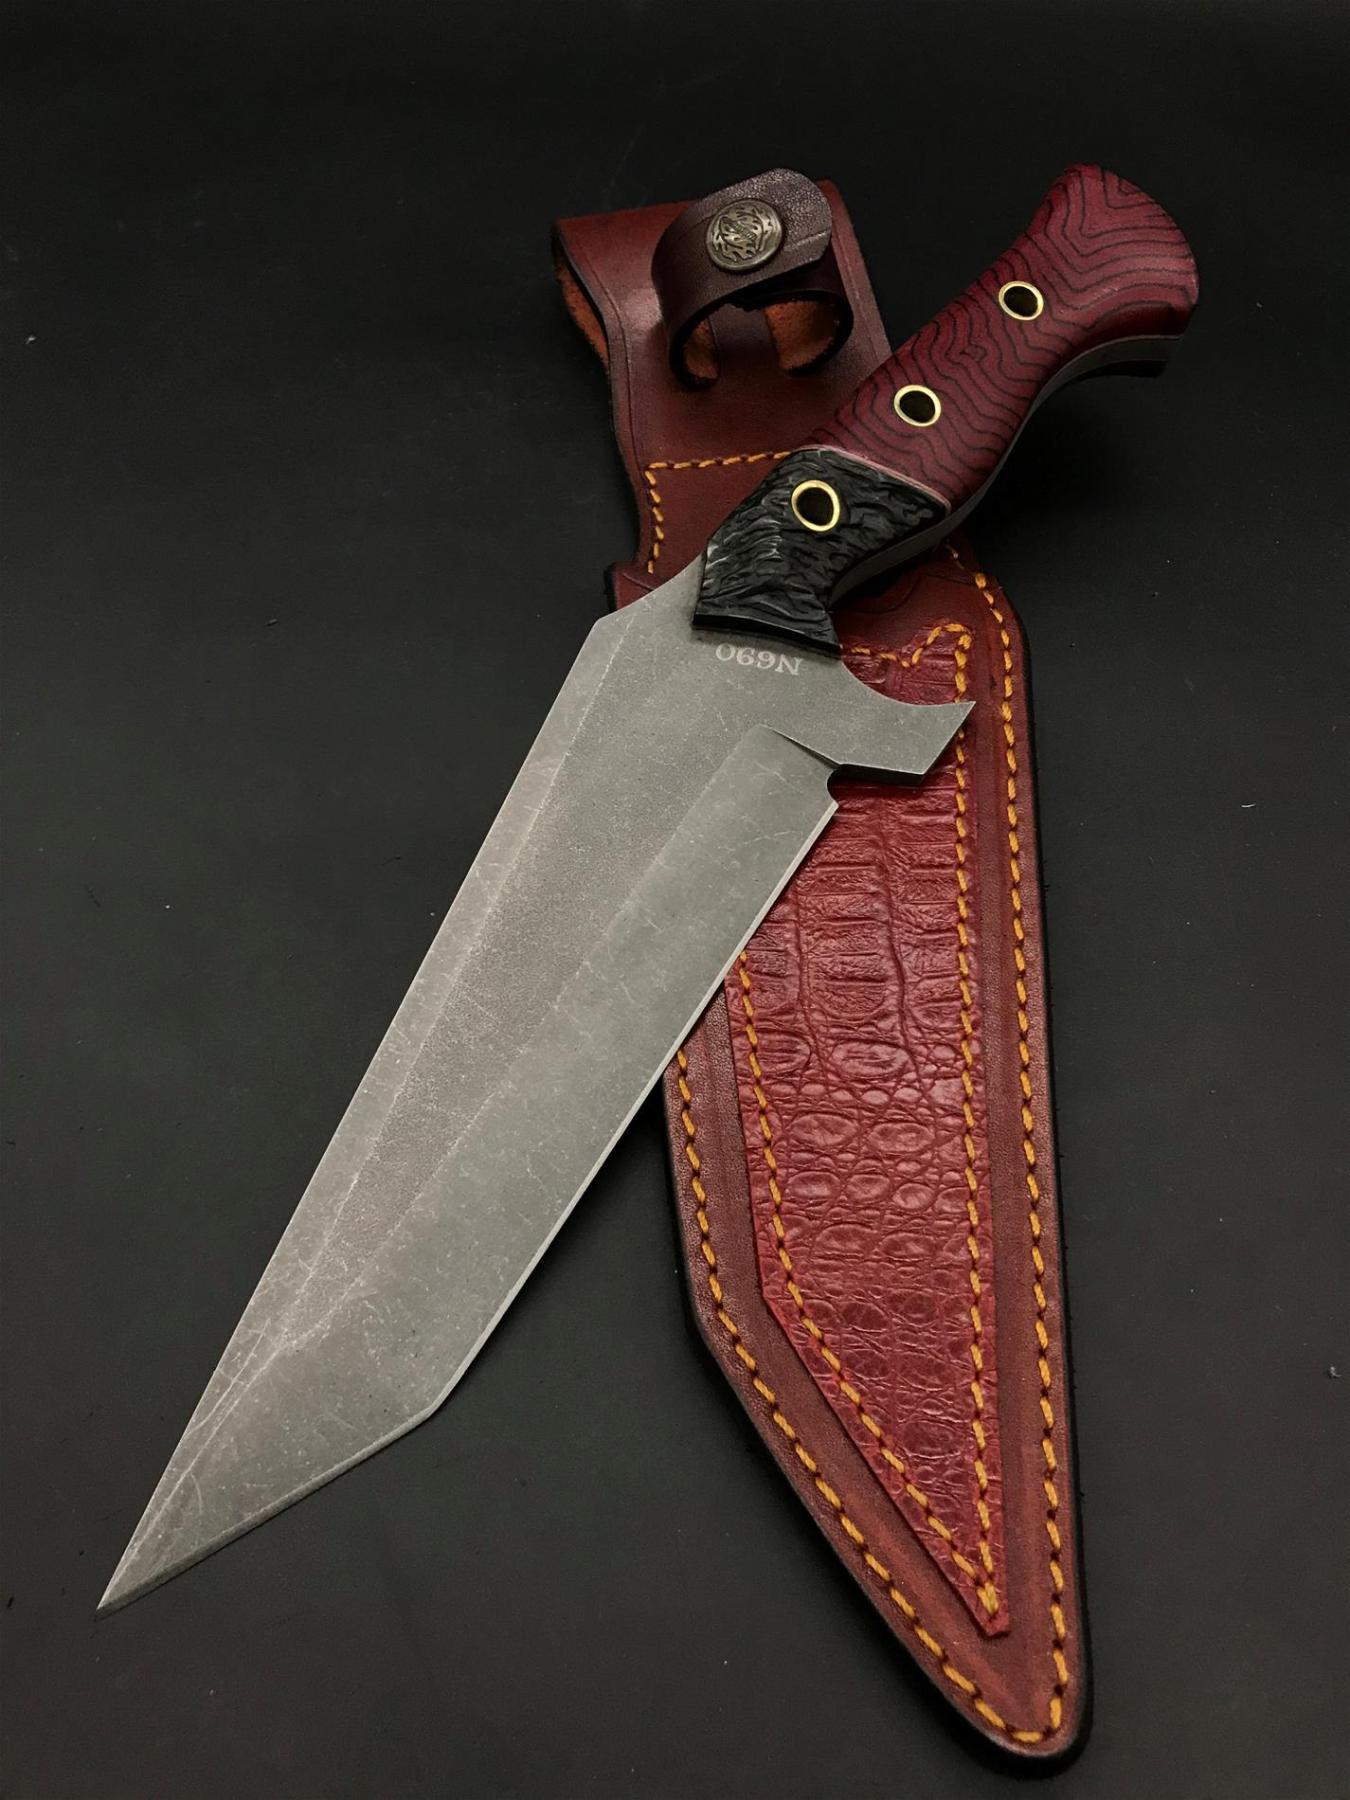 BOHLER N690 Camping Knife BB107-2